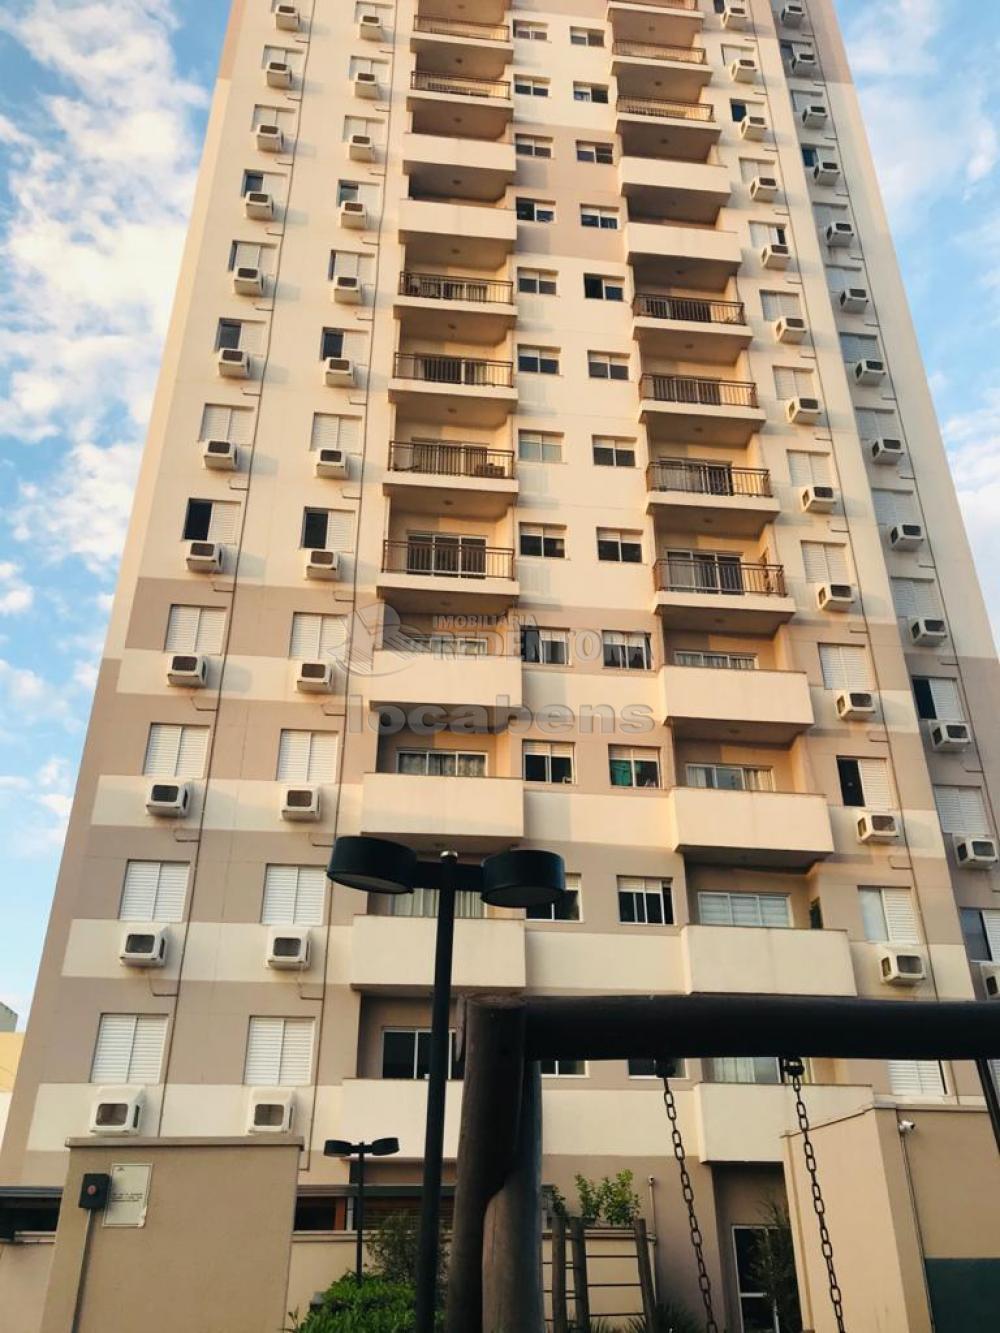 Comprar Apartamento / Padrão em São José do Rio Preto R$ 360.000,00 - Foto 1